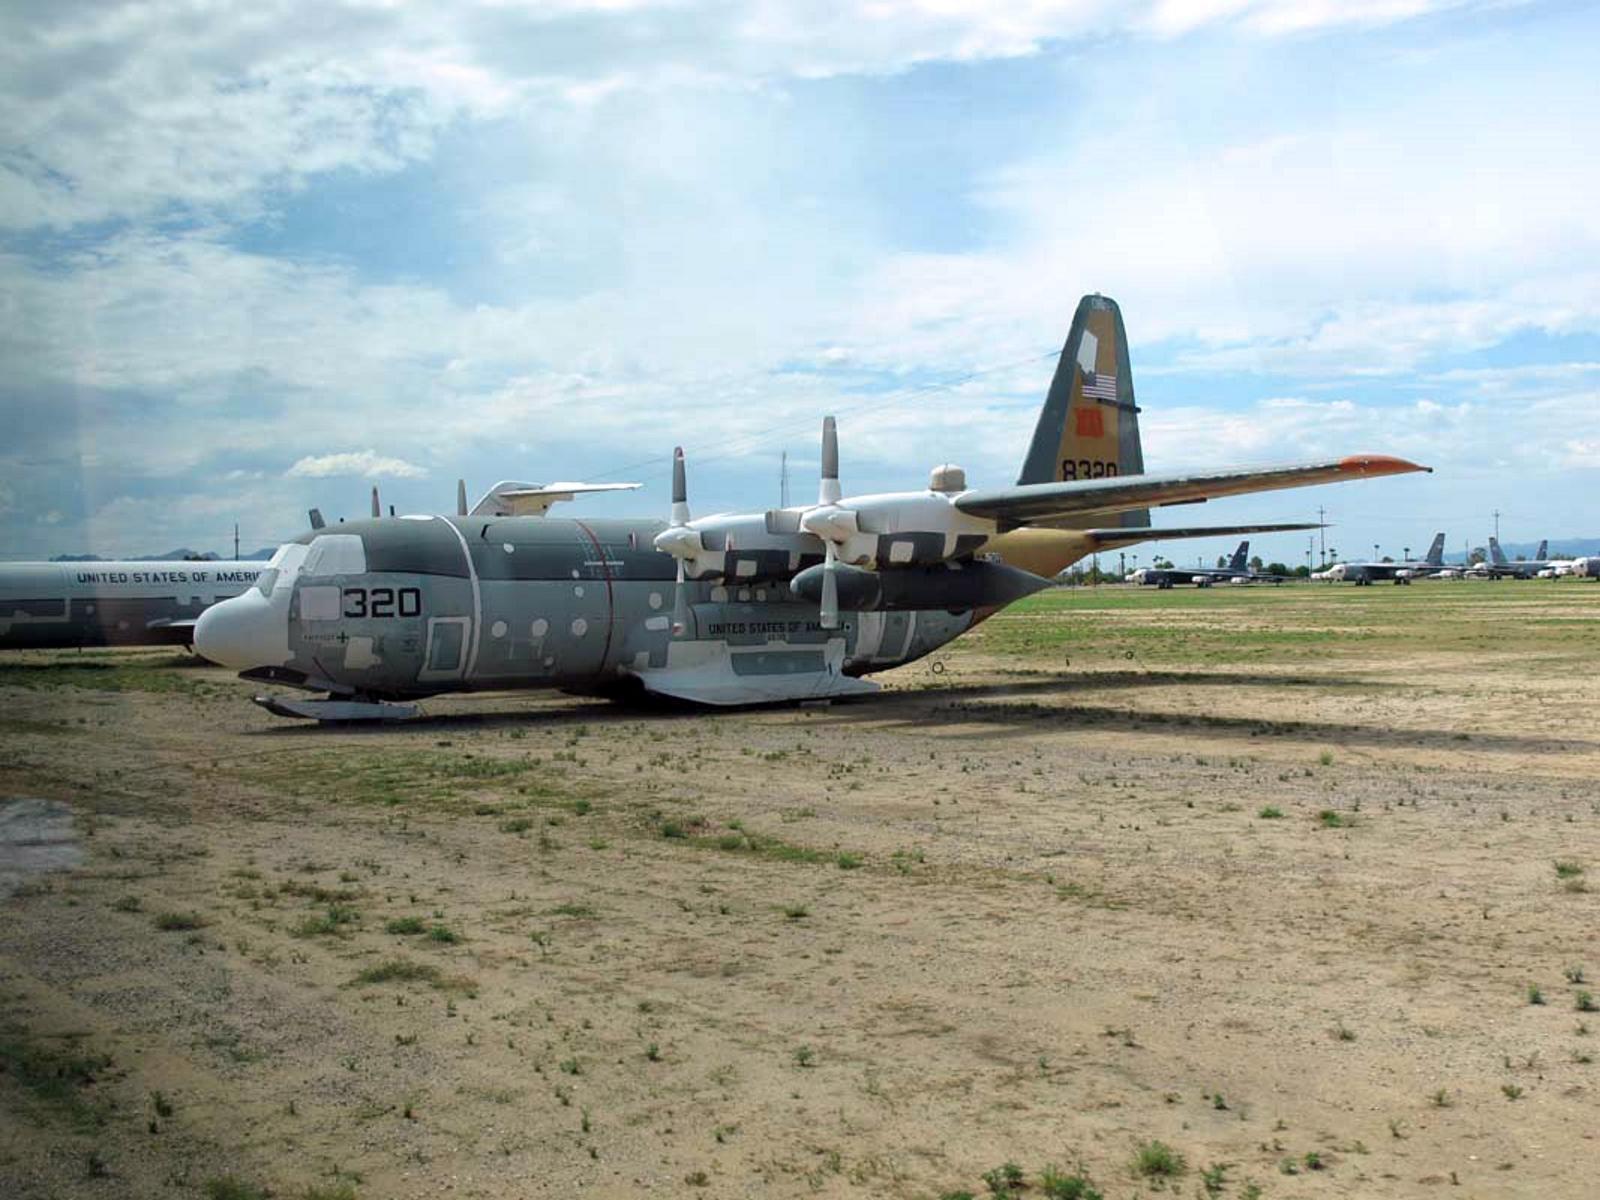 Lockheed LC-130 Hercules